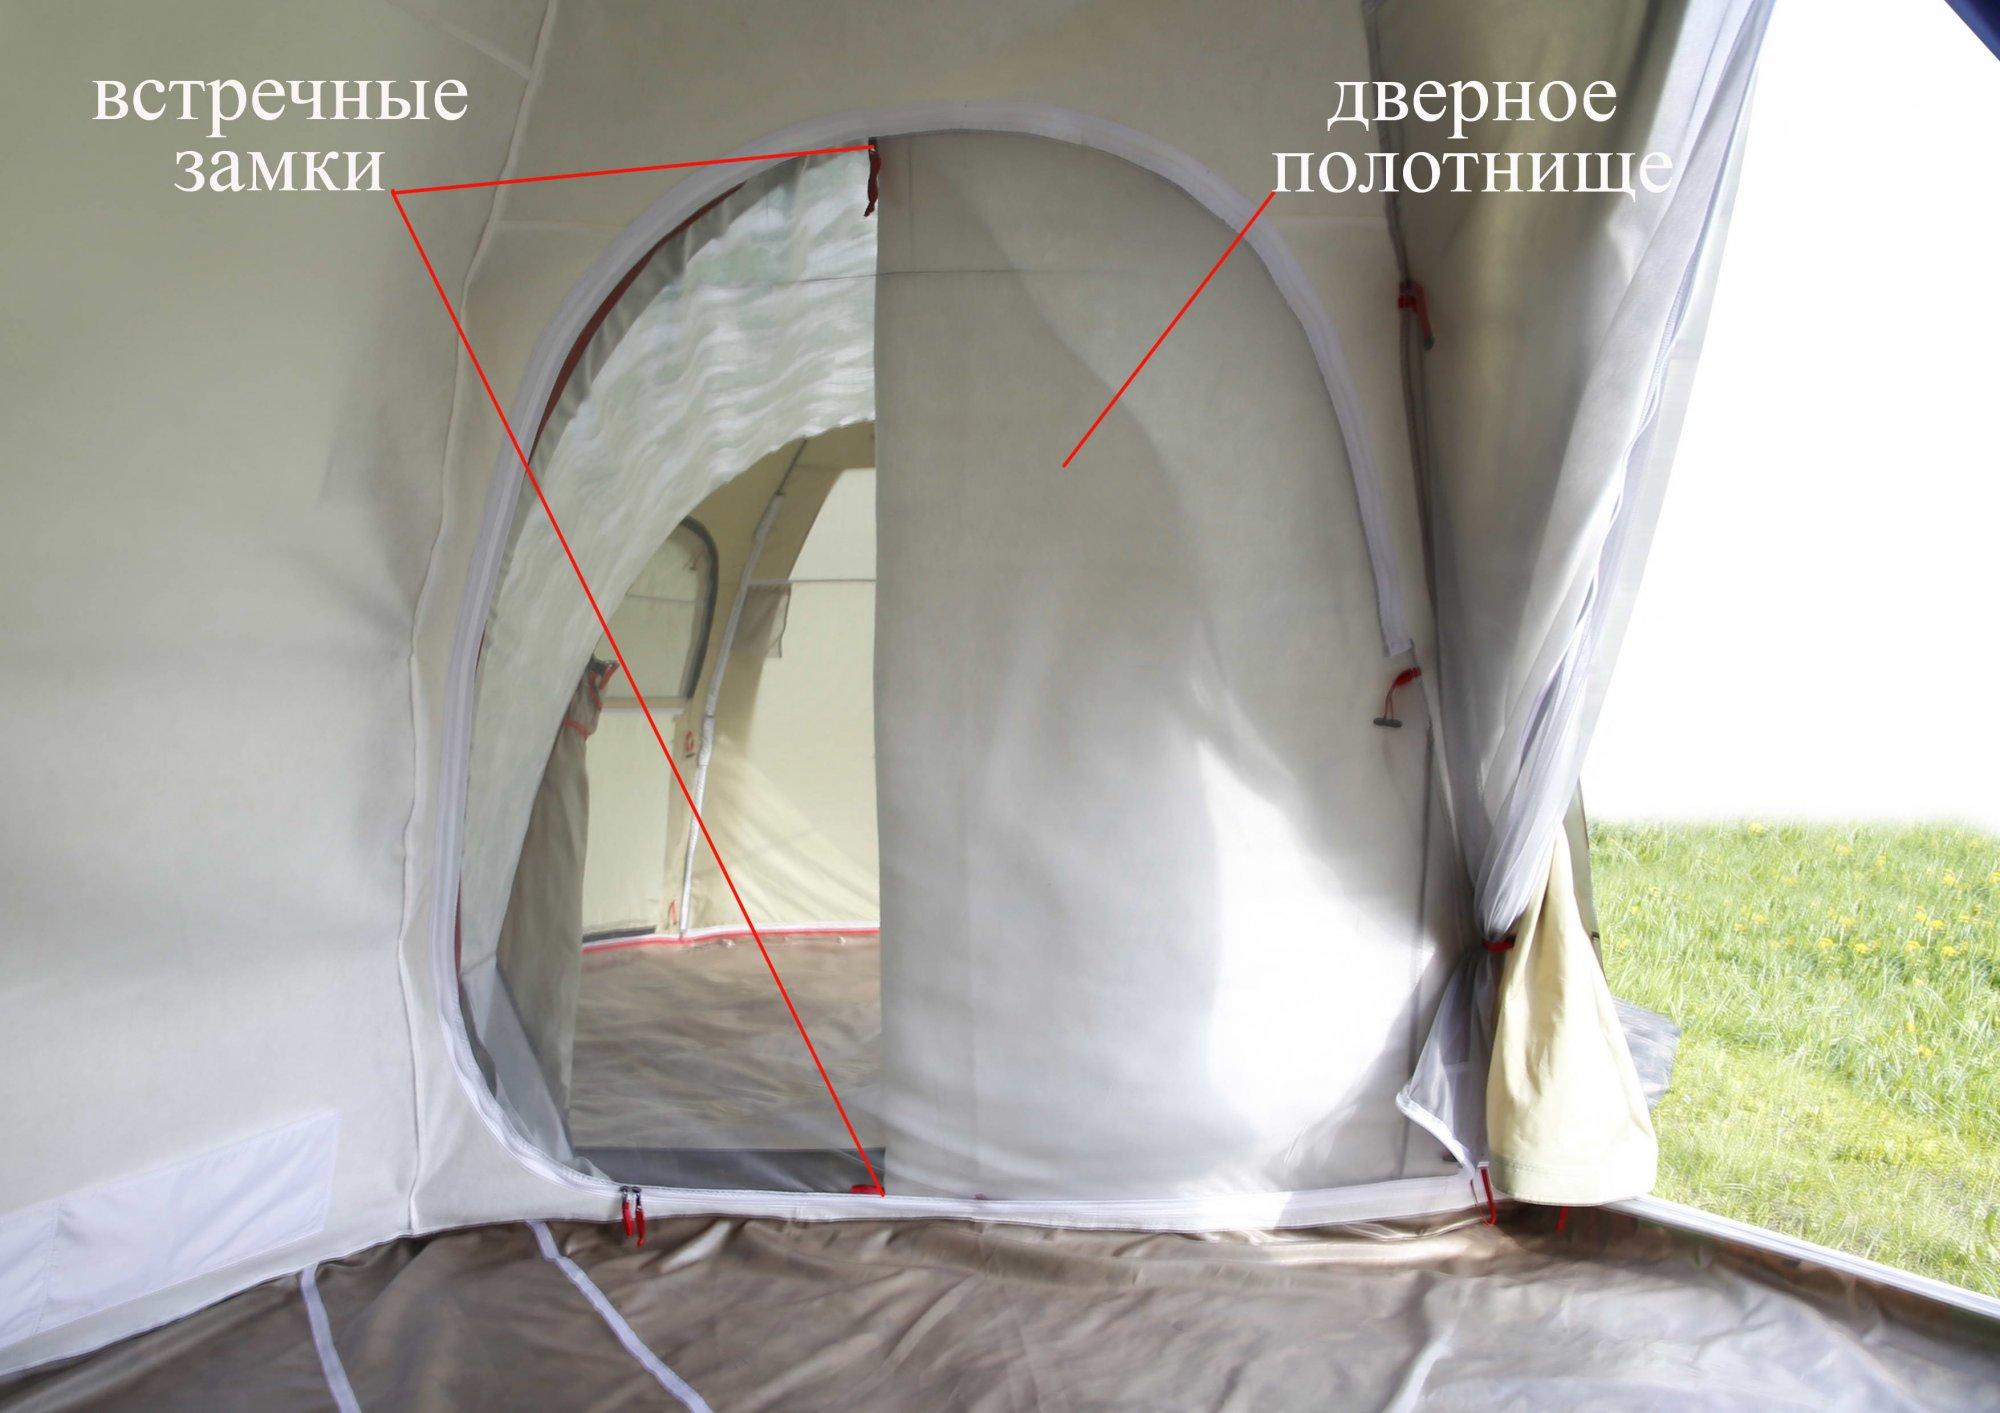 Внутренний тент-капсула утепленный ЛОТОС 5У (дверной проем)